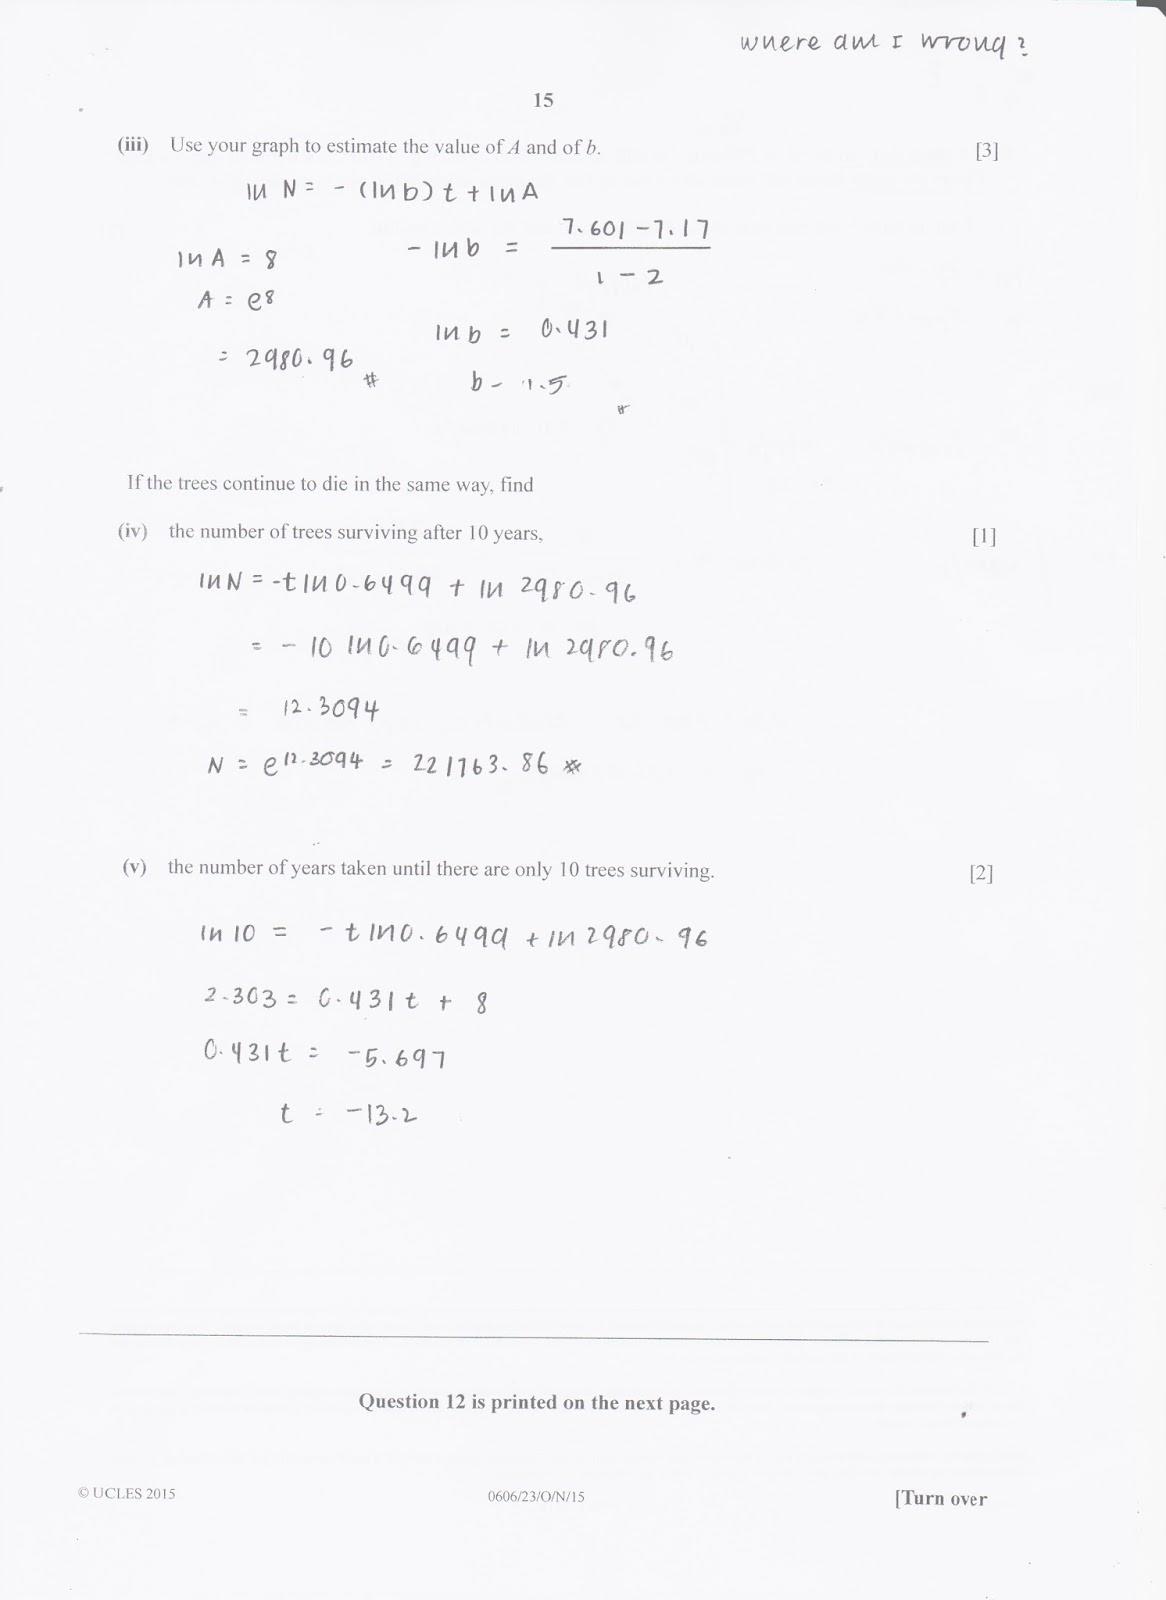 IGCSE Add Maths Working Answers [0606/23] Paper 2 2015